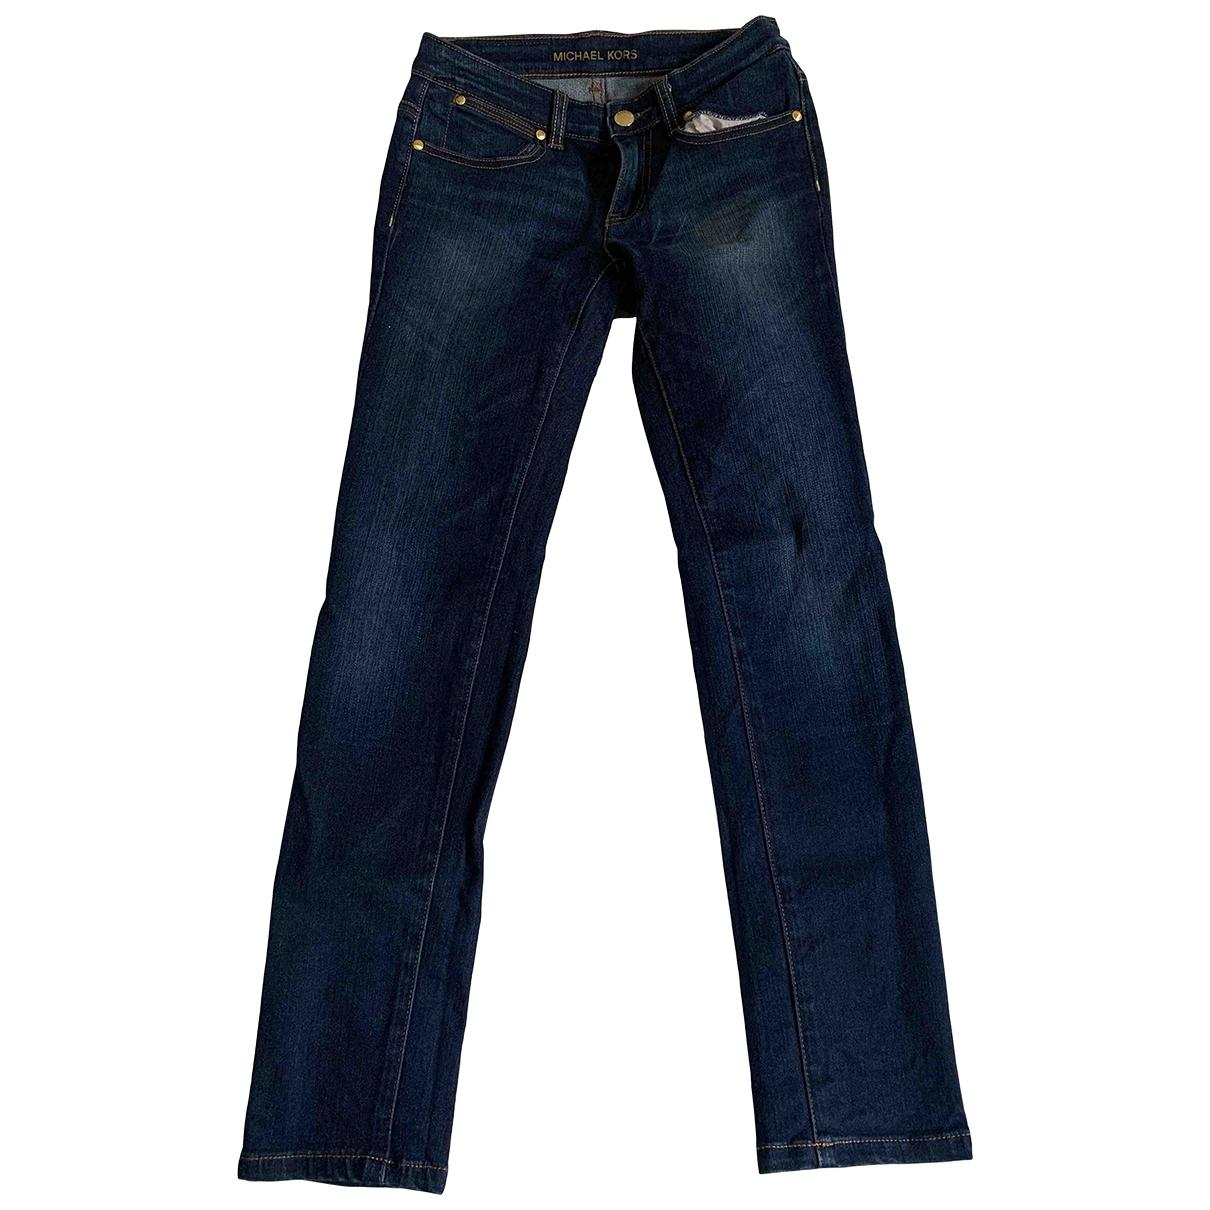 Michael Kors \N White Denim - Jeans Jeans for Women 34 FR